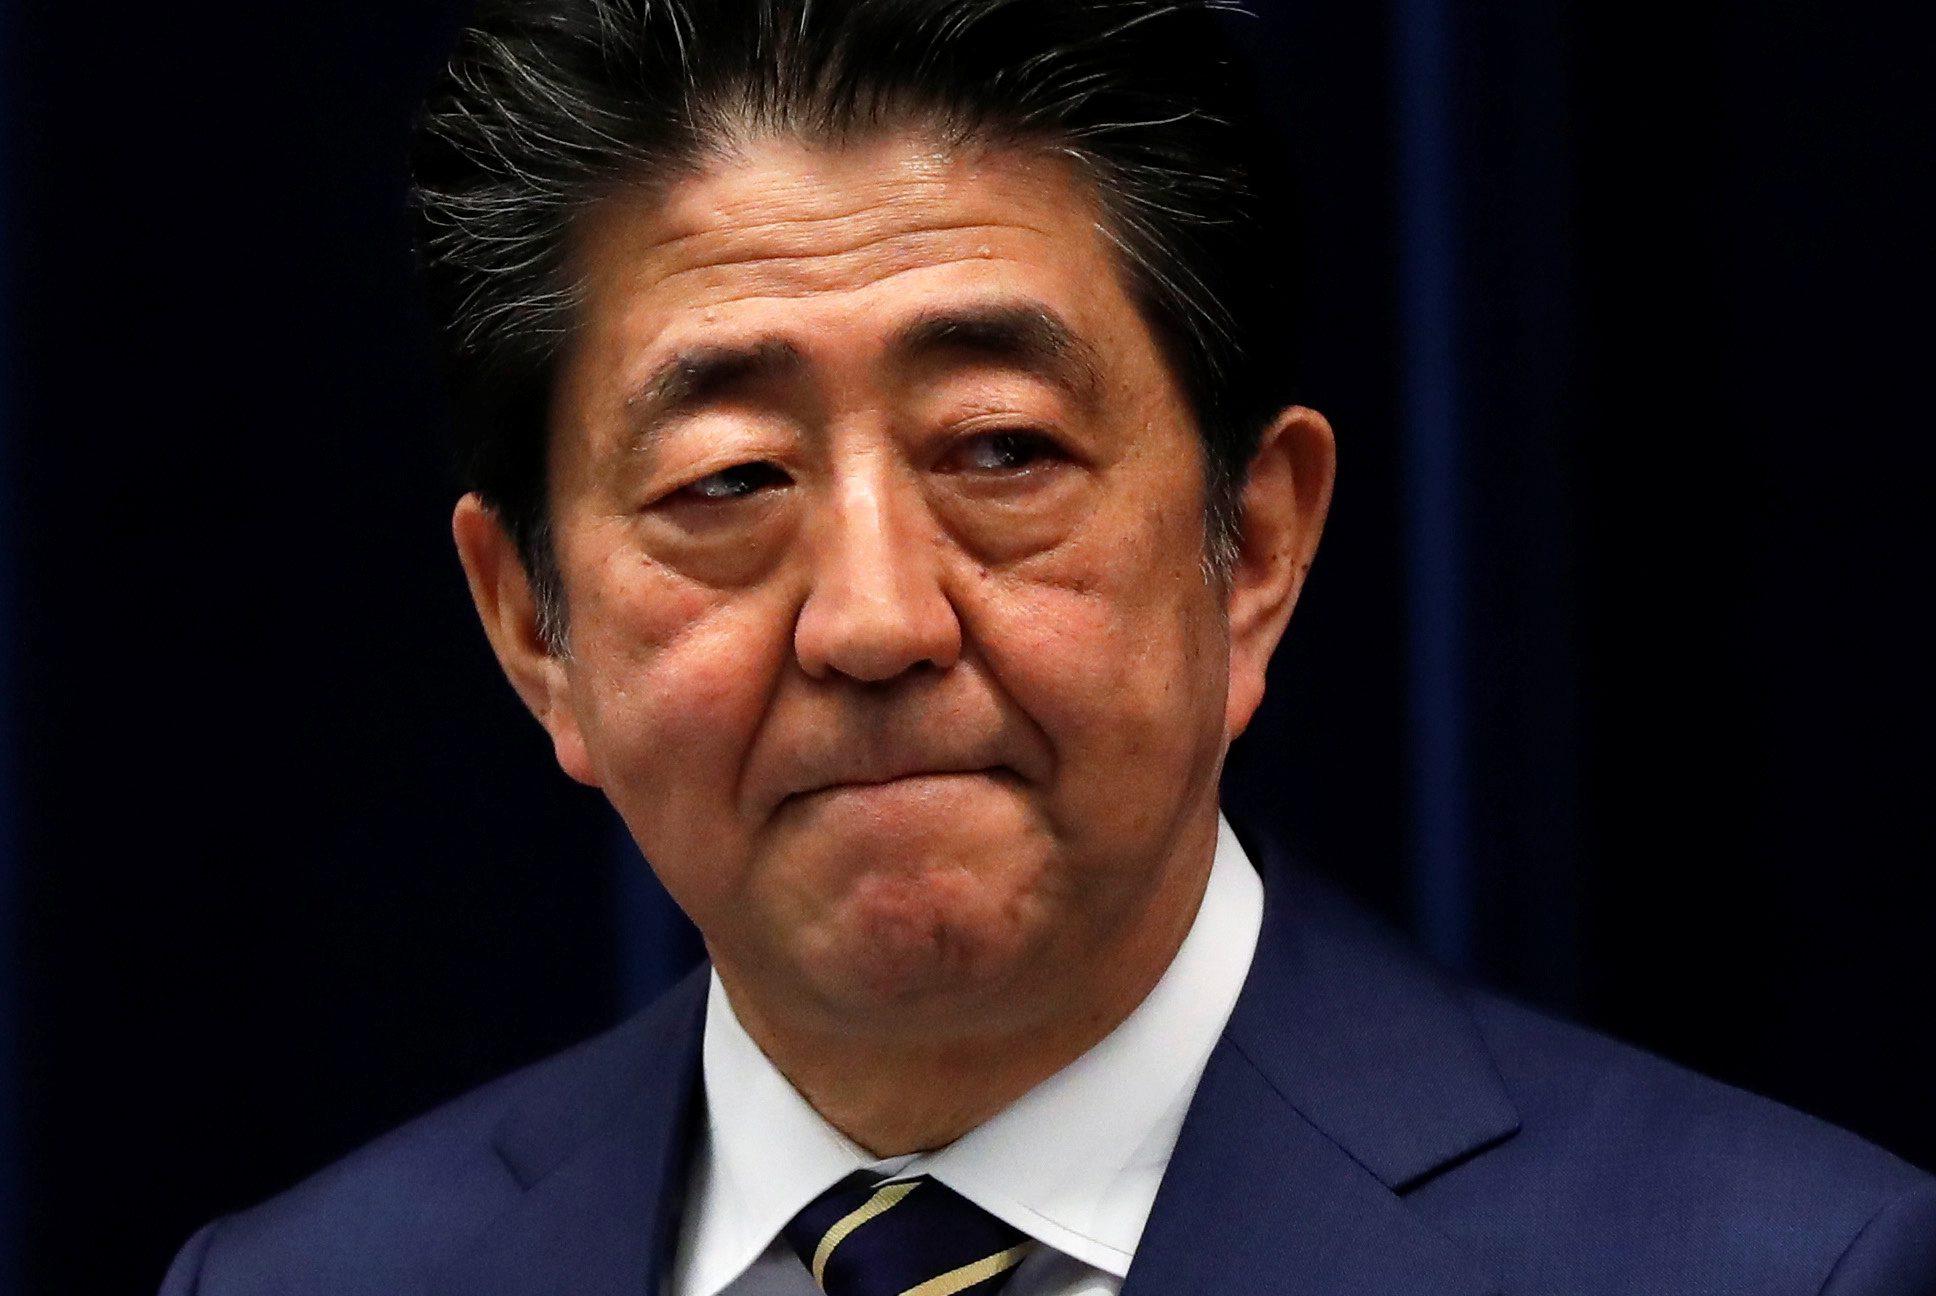 ญี่ปุ่นจ่อประกาศภาวะฉุกเฉิน วอนเลี่ยงพบปะ หลังยอดตายเพิ่มต่อเนื่อง